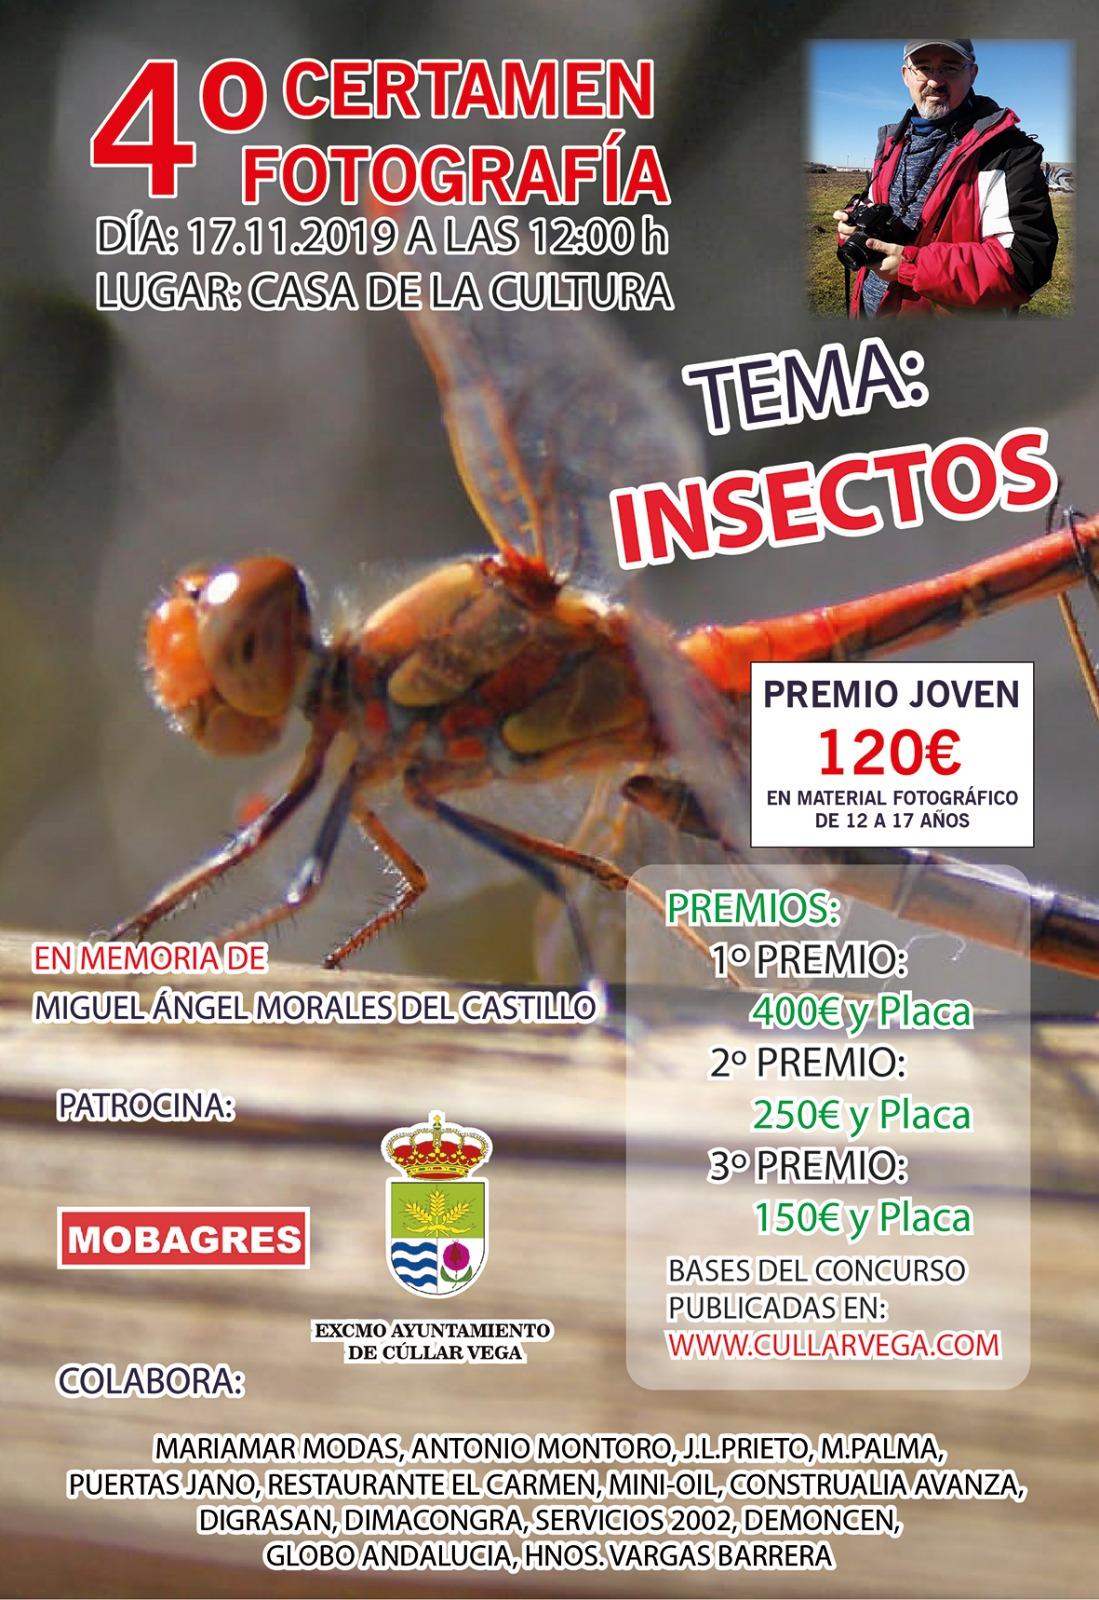 El IV Concurso de Fotografía de Cúllar Vega premiará las mejores imágenes de insectos